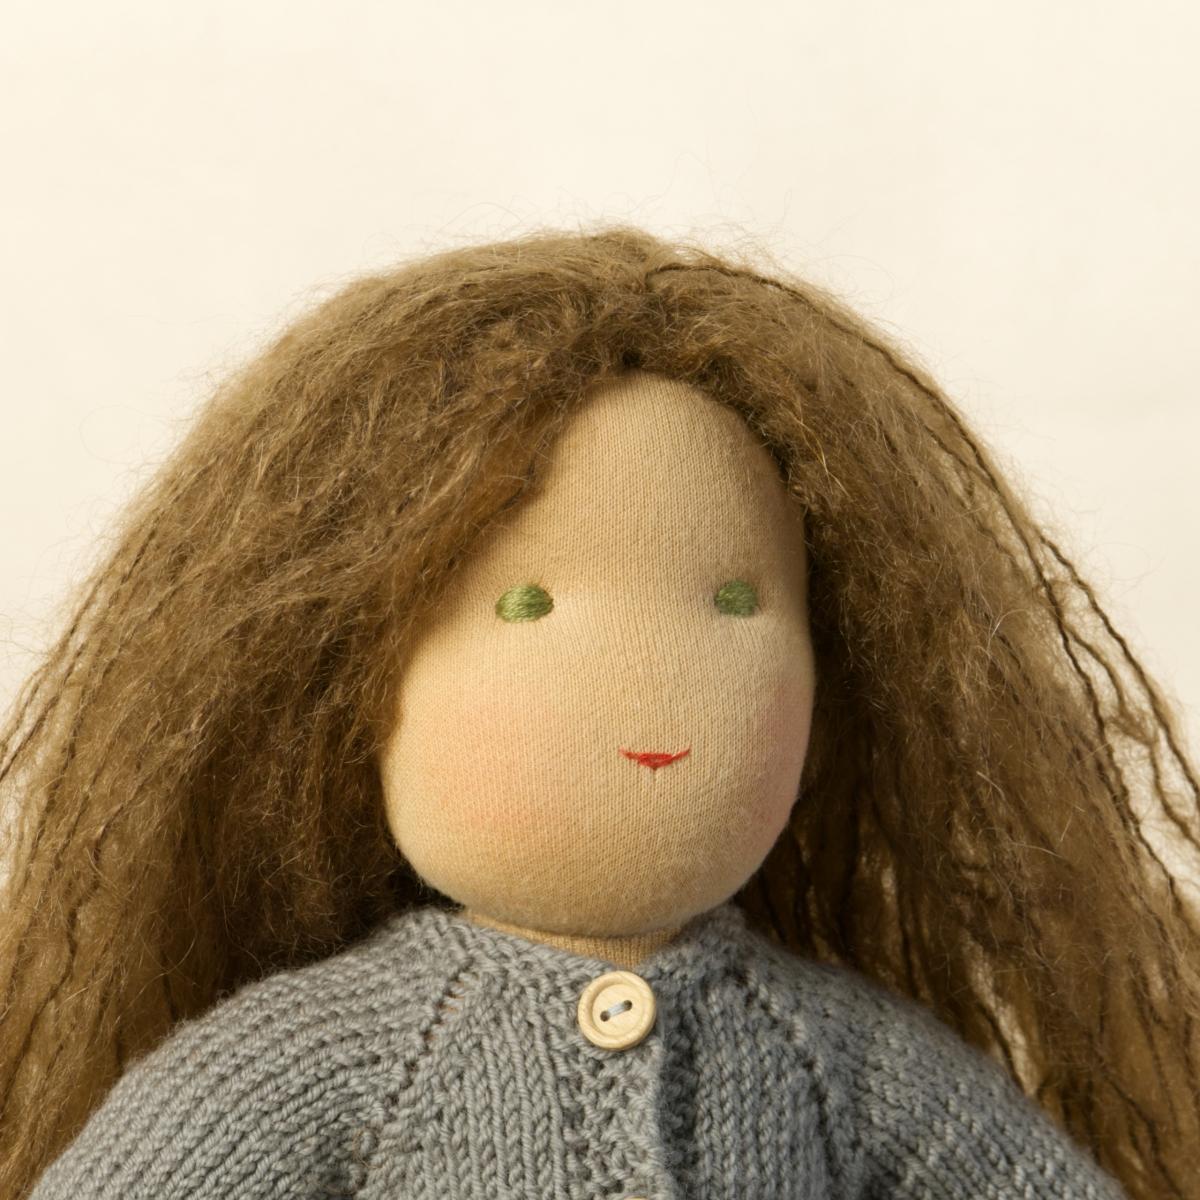 Puppe mit hellem Hautton nach Waldorf-Art, offene lange braune Haare, gekleidet in grauen Strickanzug